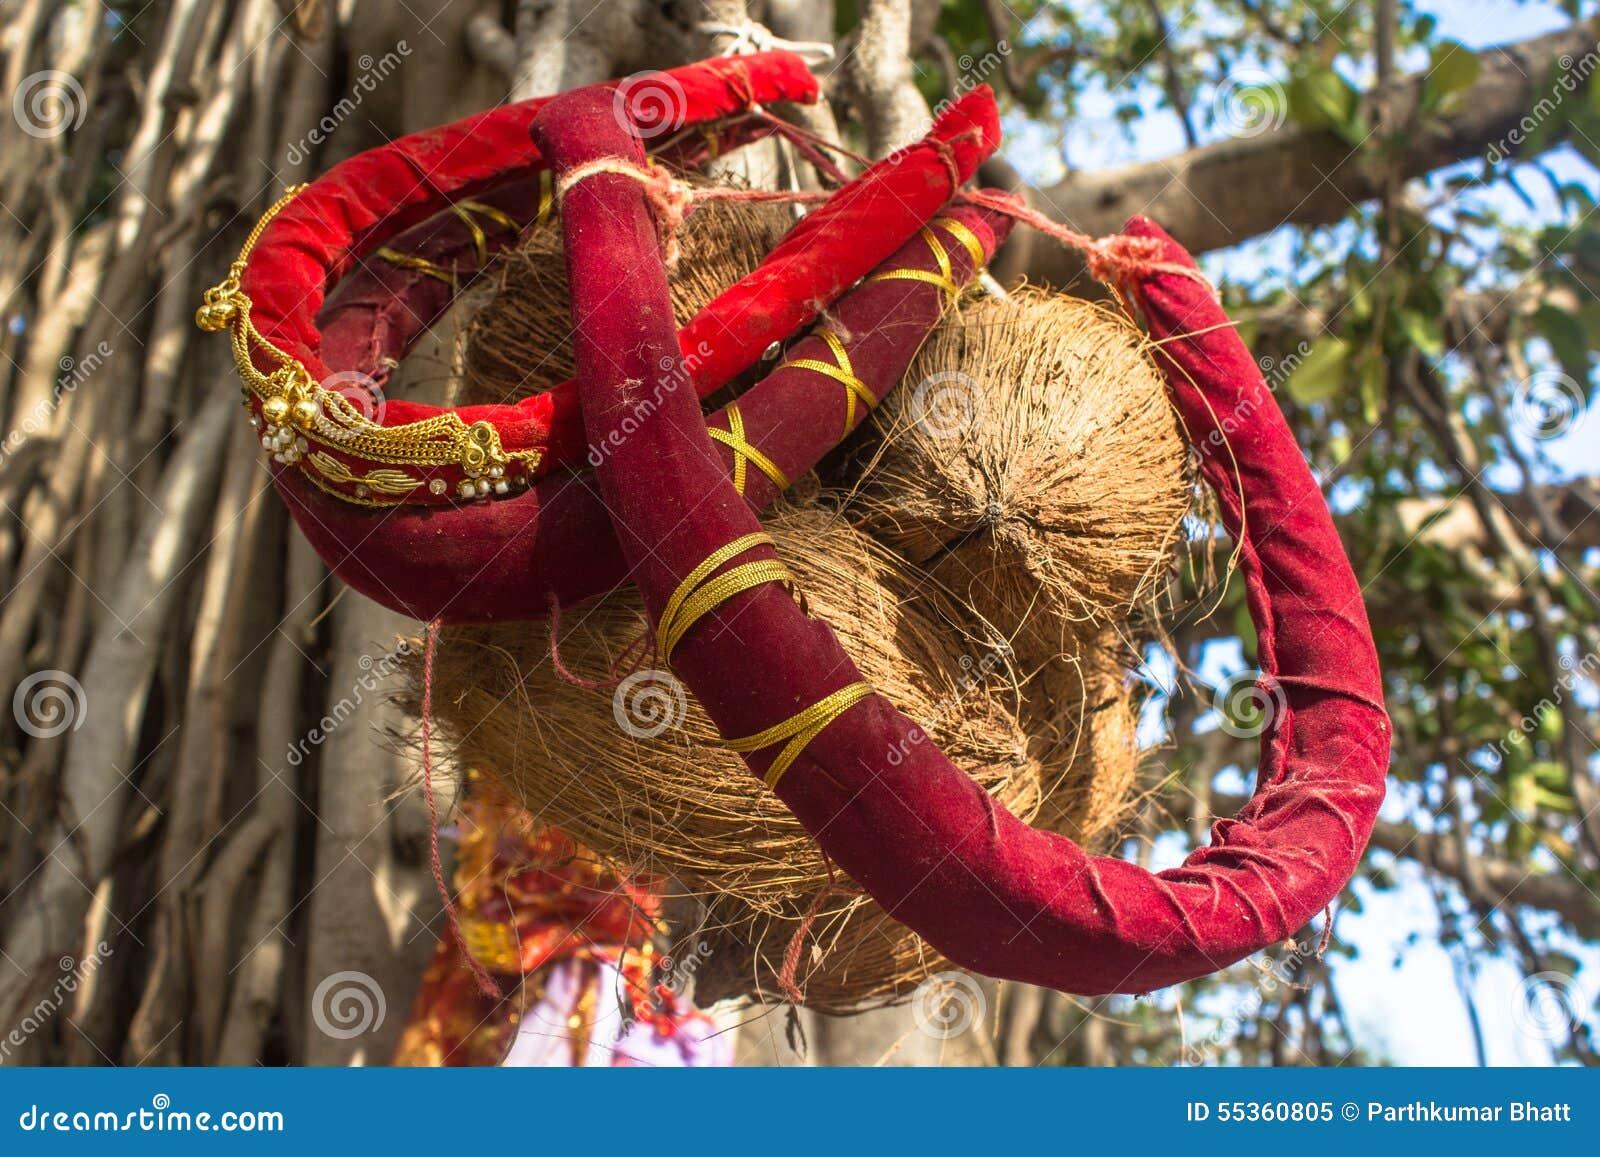 Rituale di Hinddu: La lunga vita del marito